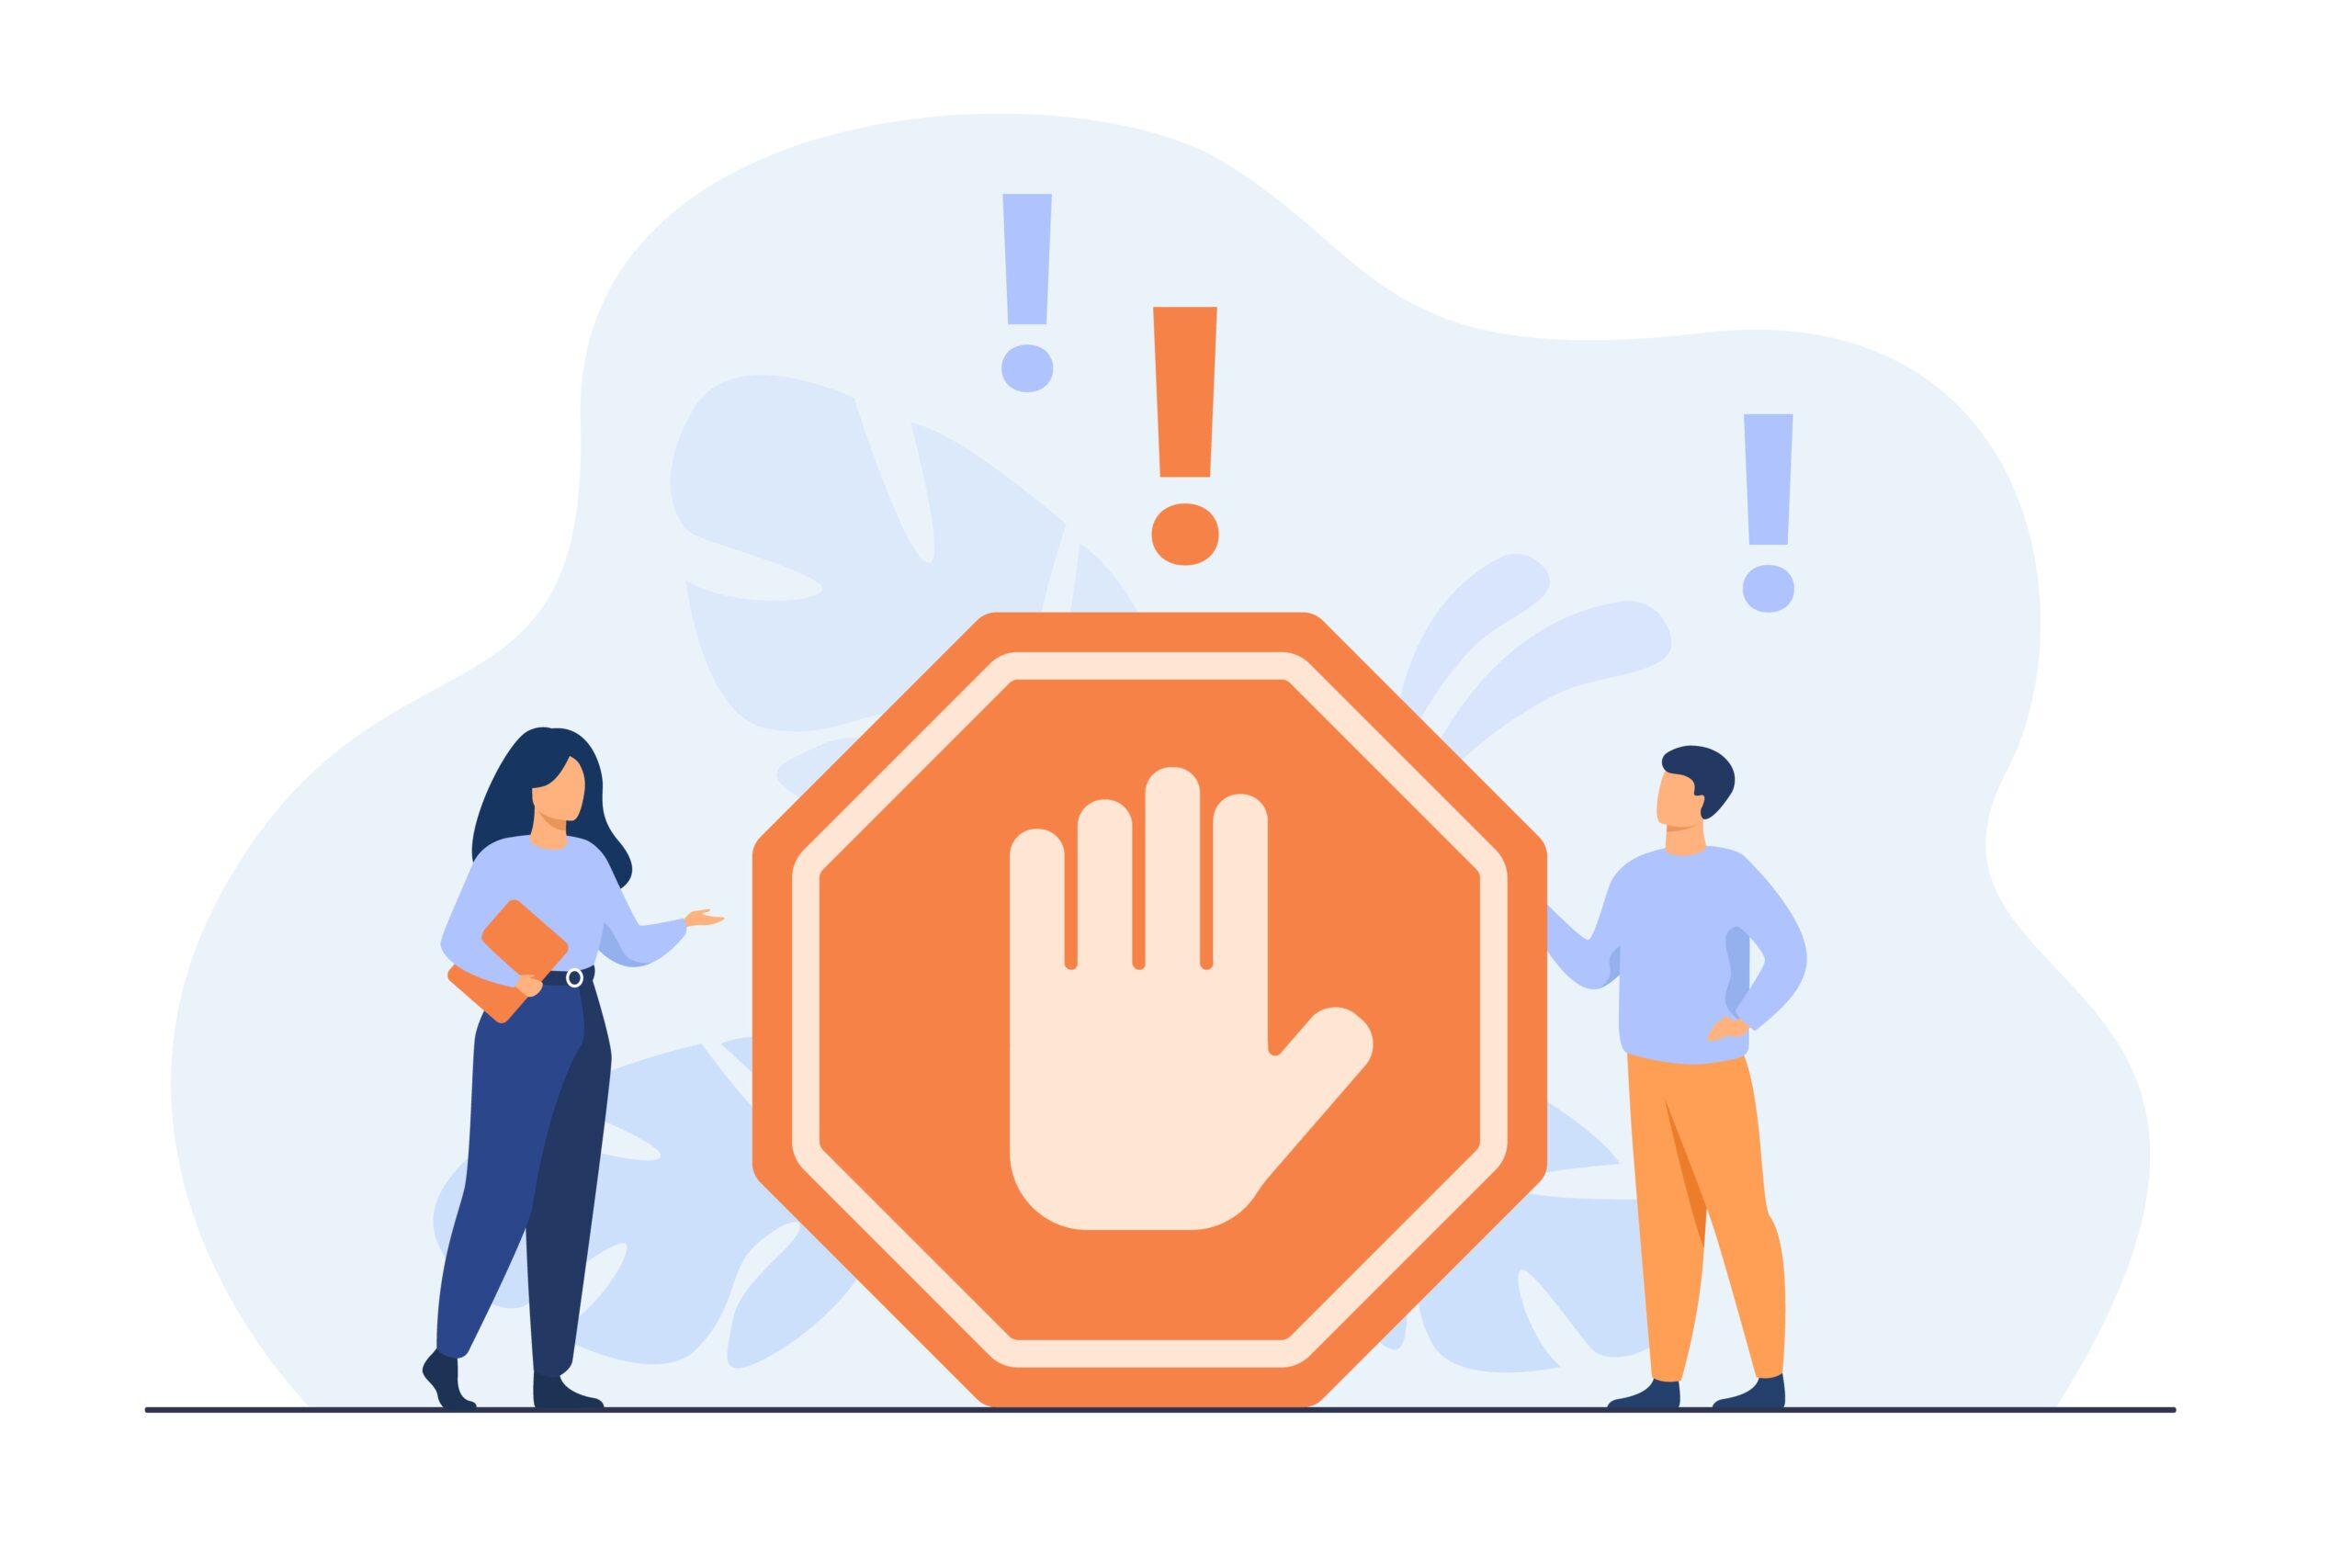 ウェブデザイン技能検定を受験する前に気をつけるべき2つのポイント